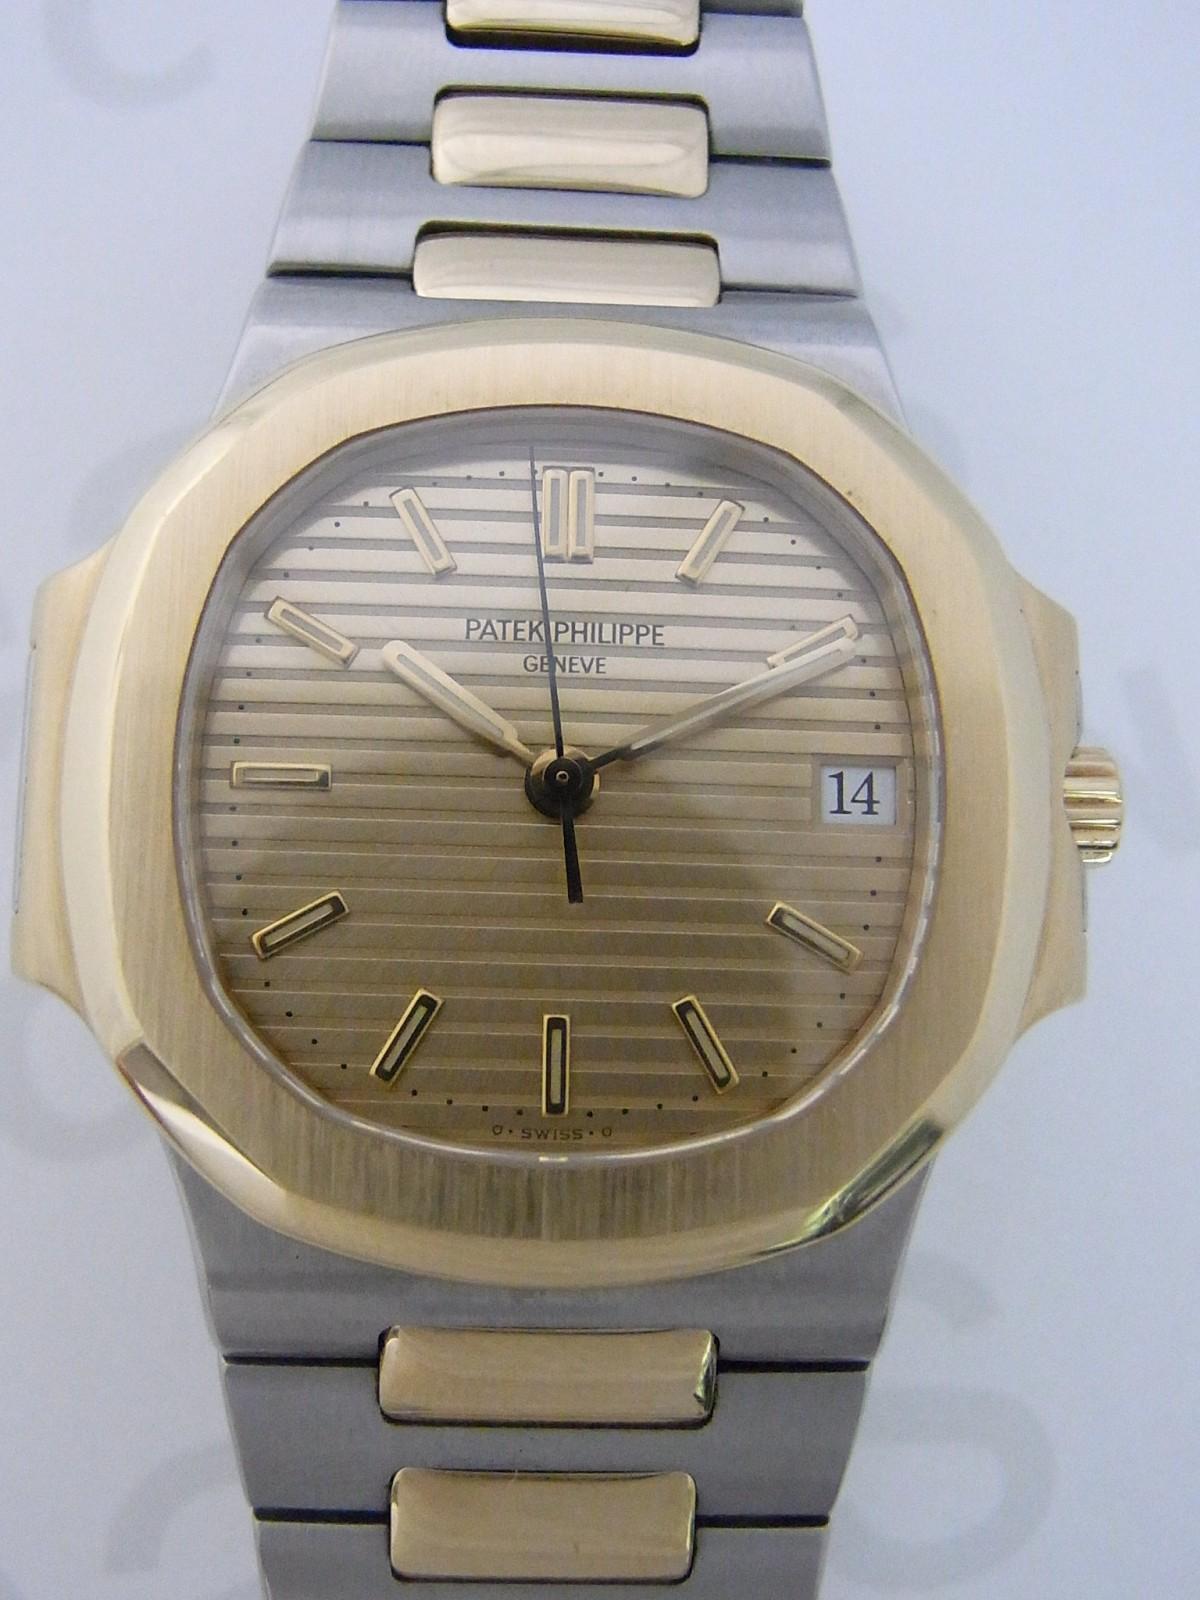 Gebrauchte Patek Philippe Nautilus Gold Uhren zum Verkauf